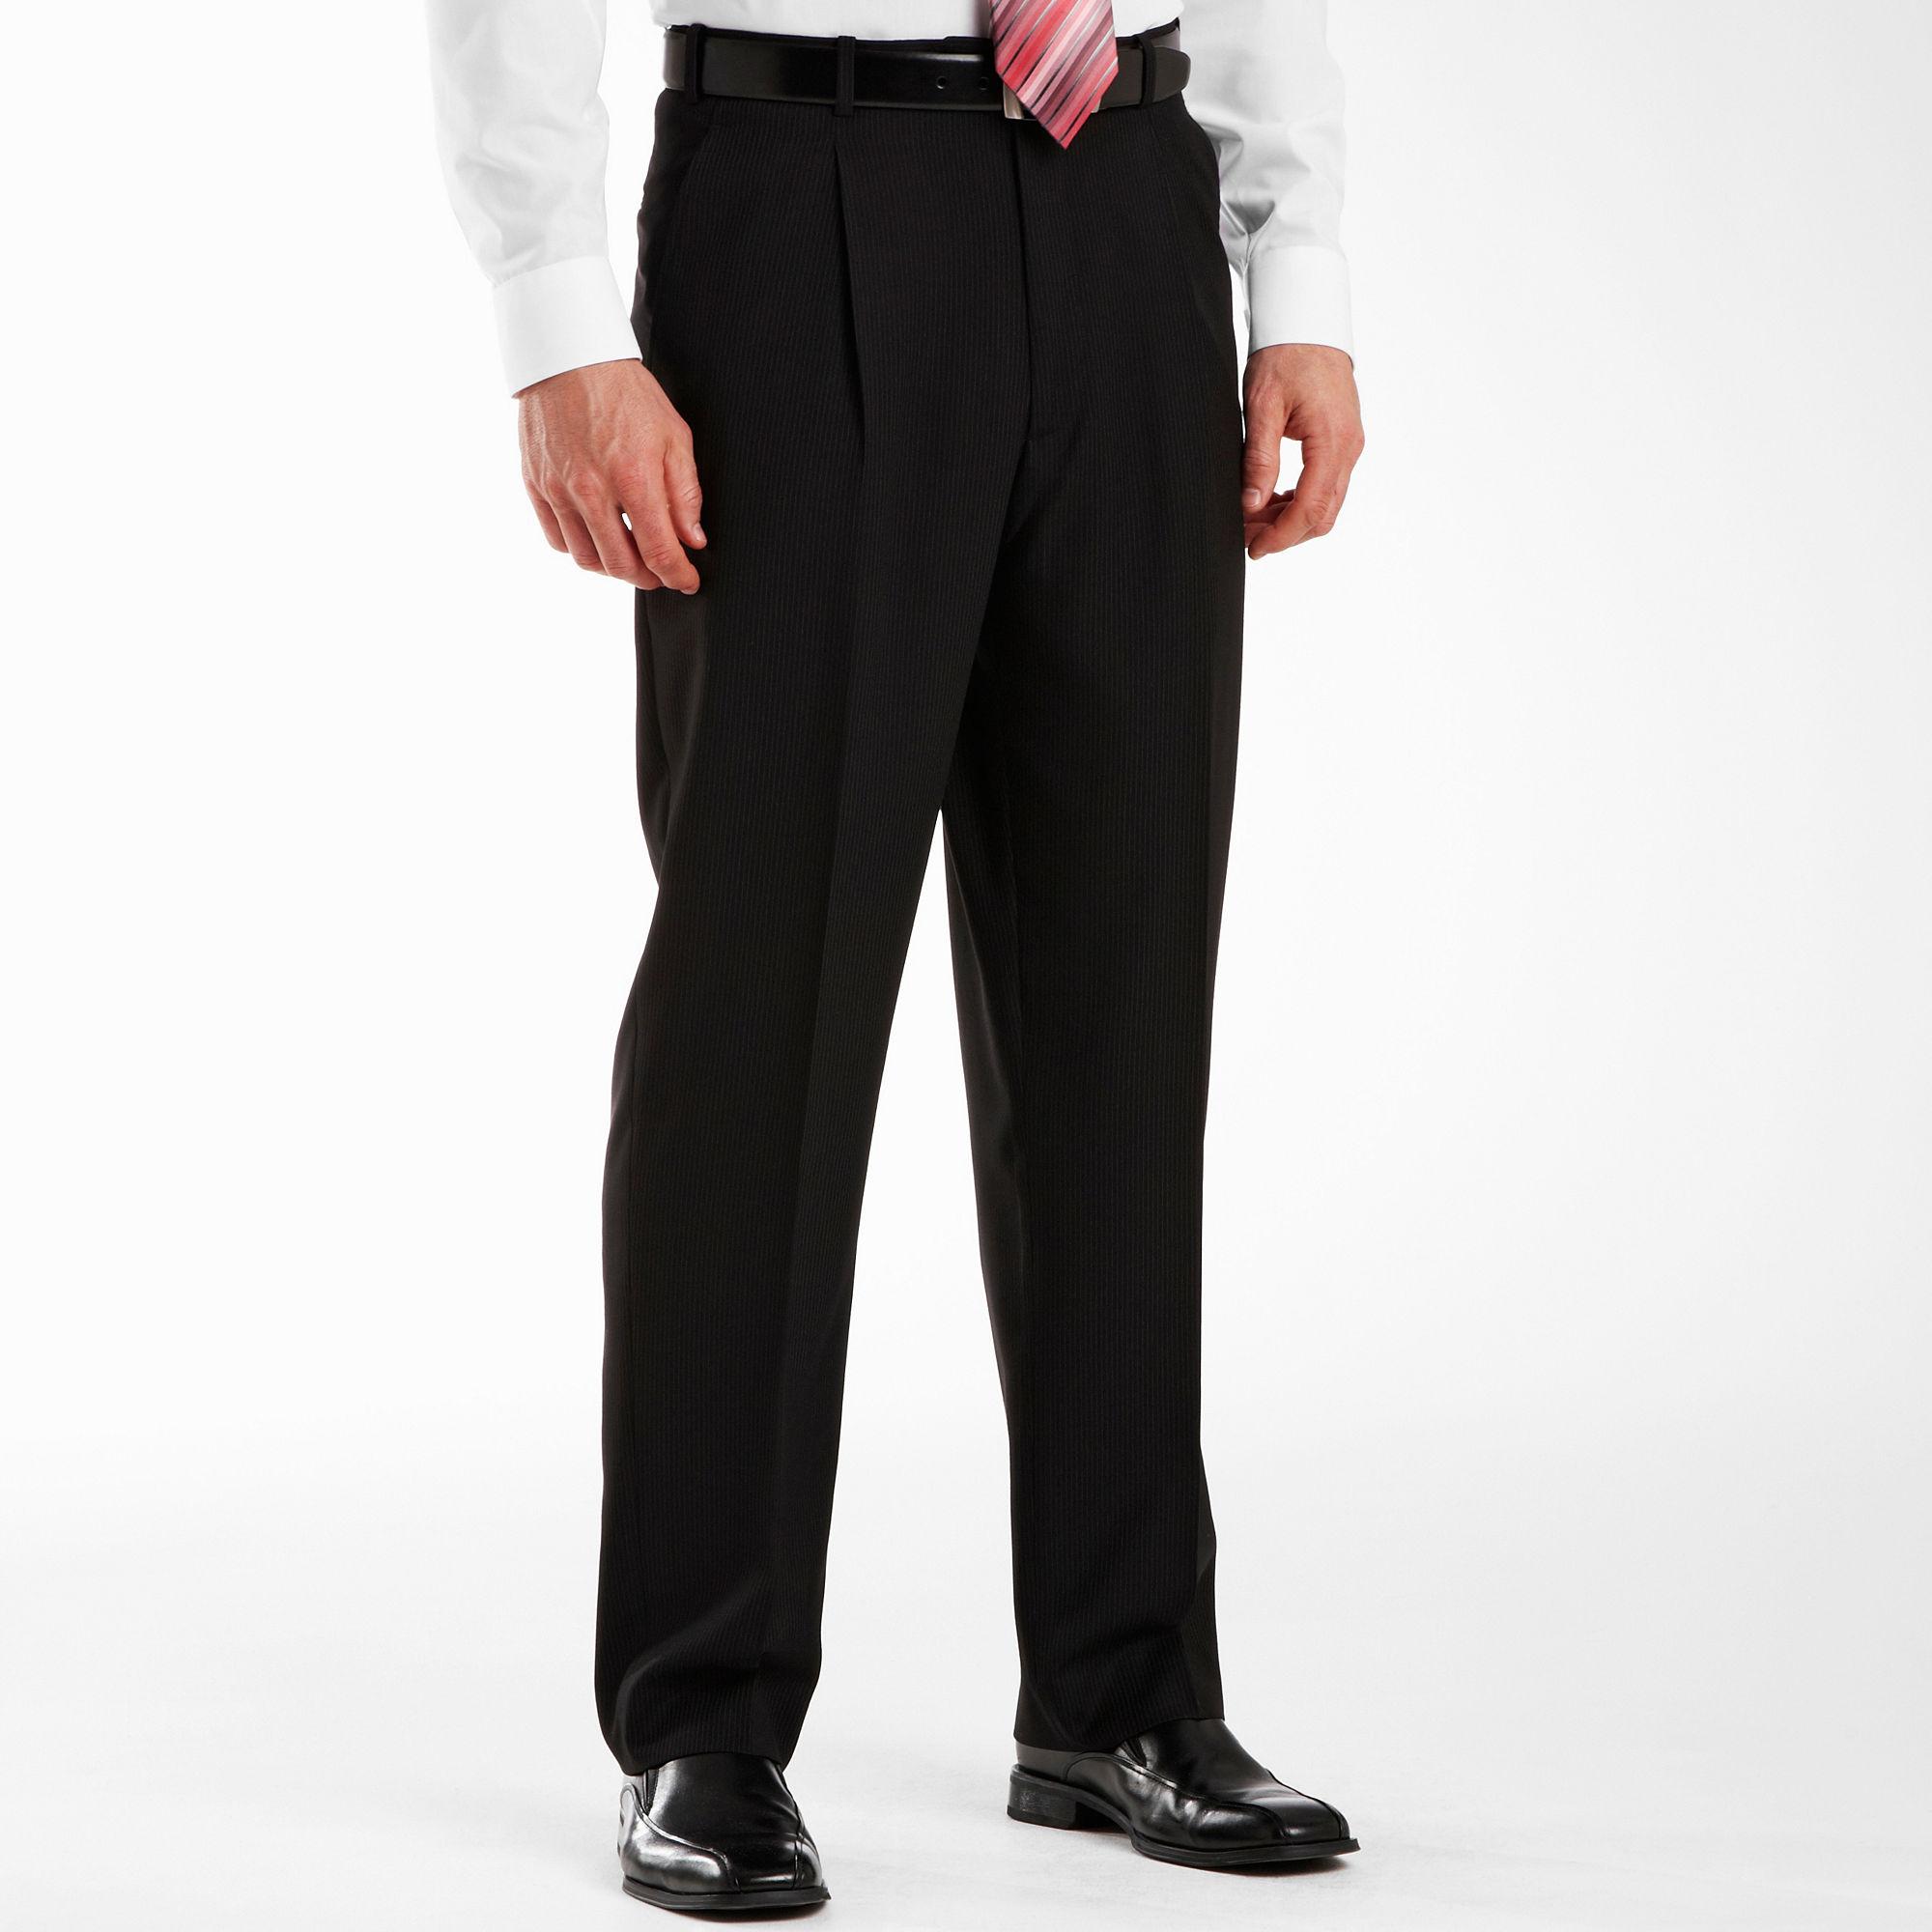 Adolfo Pleated Black Striped Suit Pants